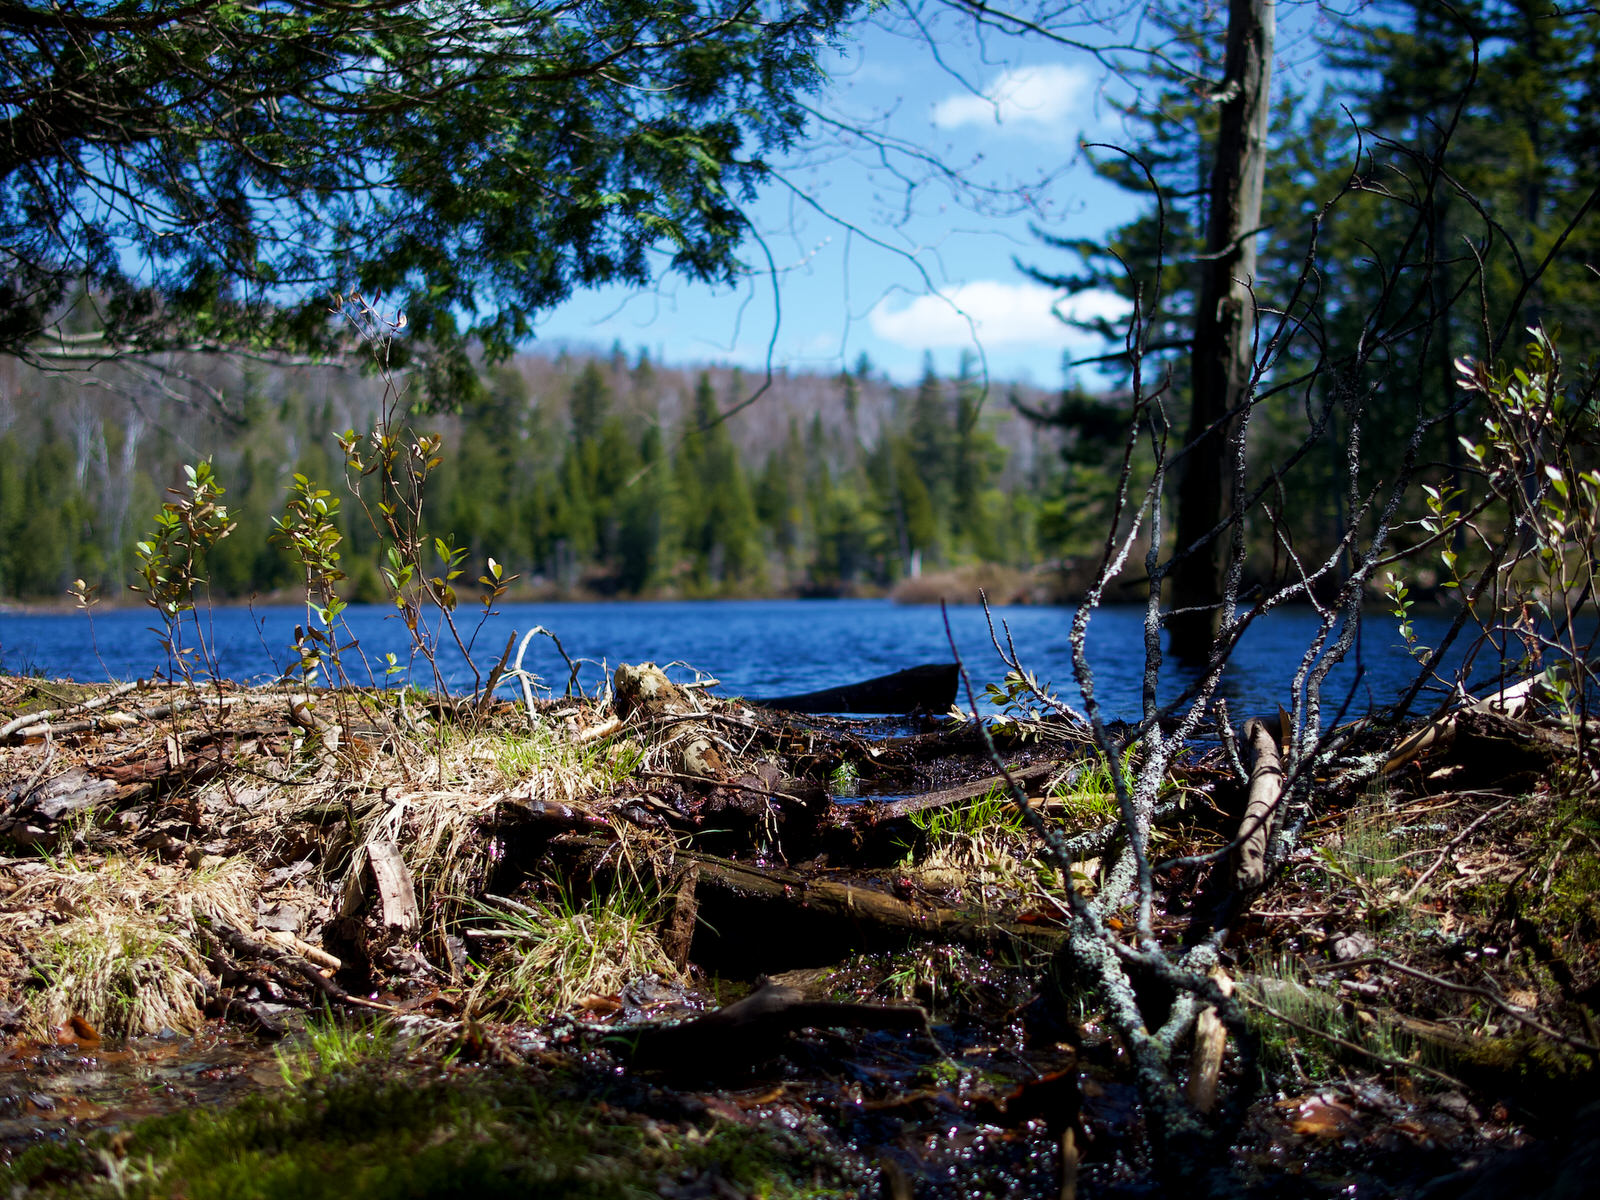 Un lac créé par un barrage de castor